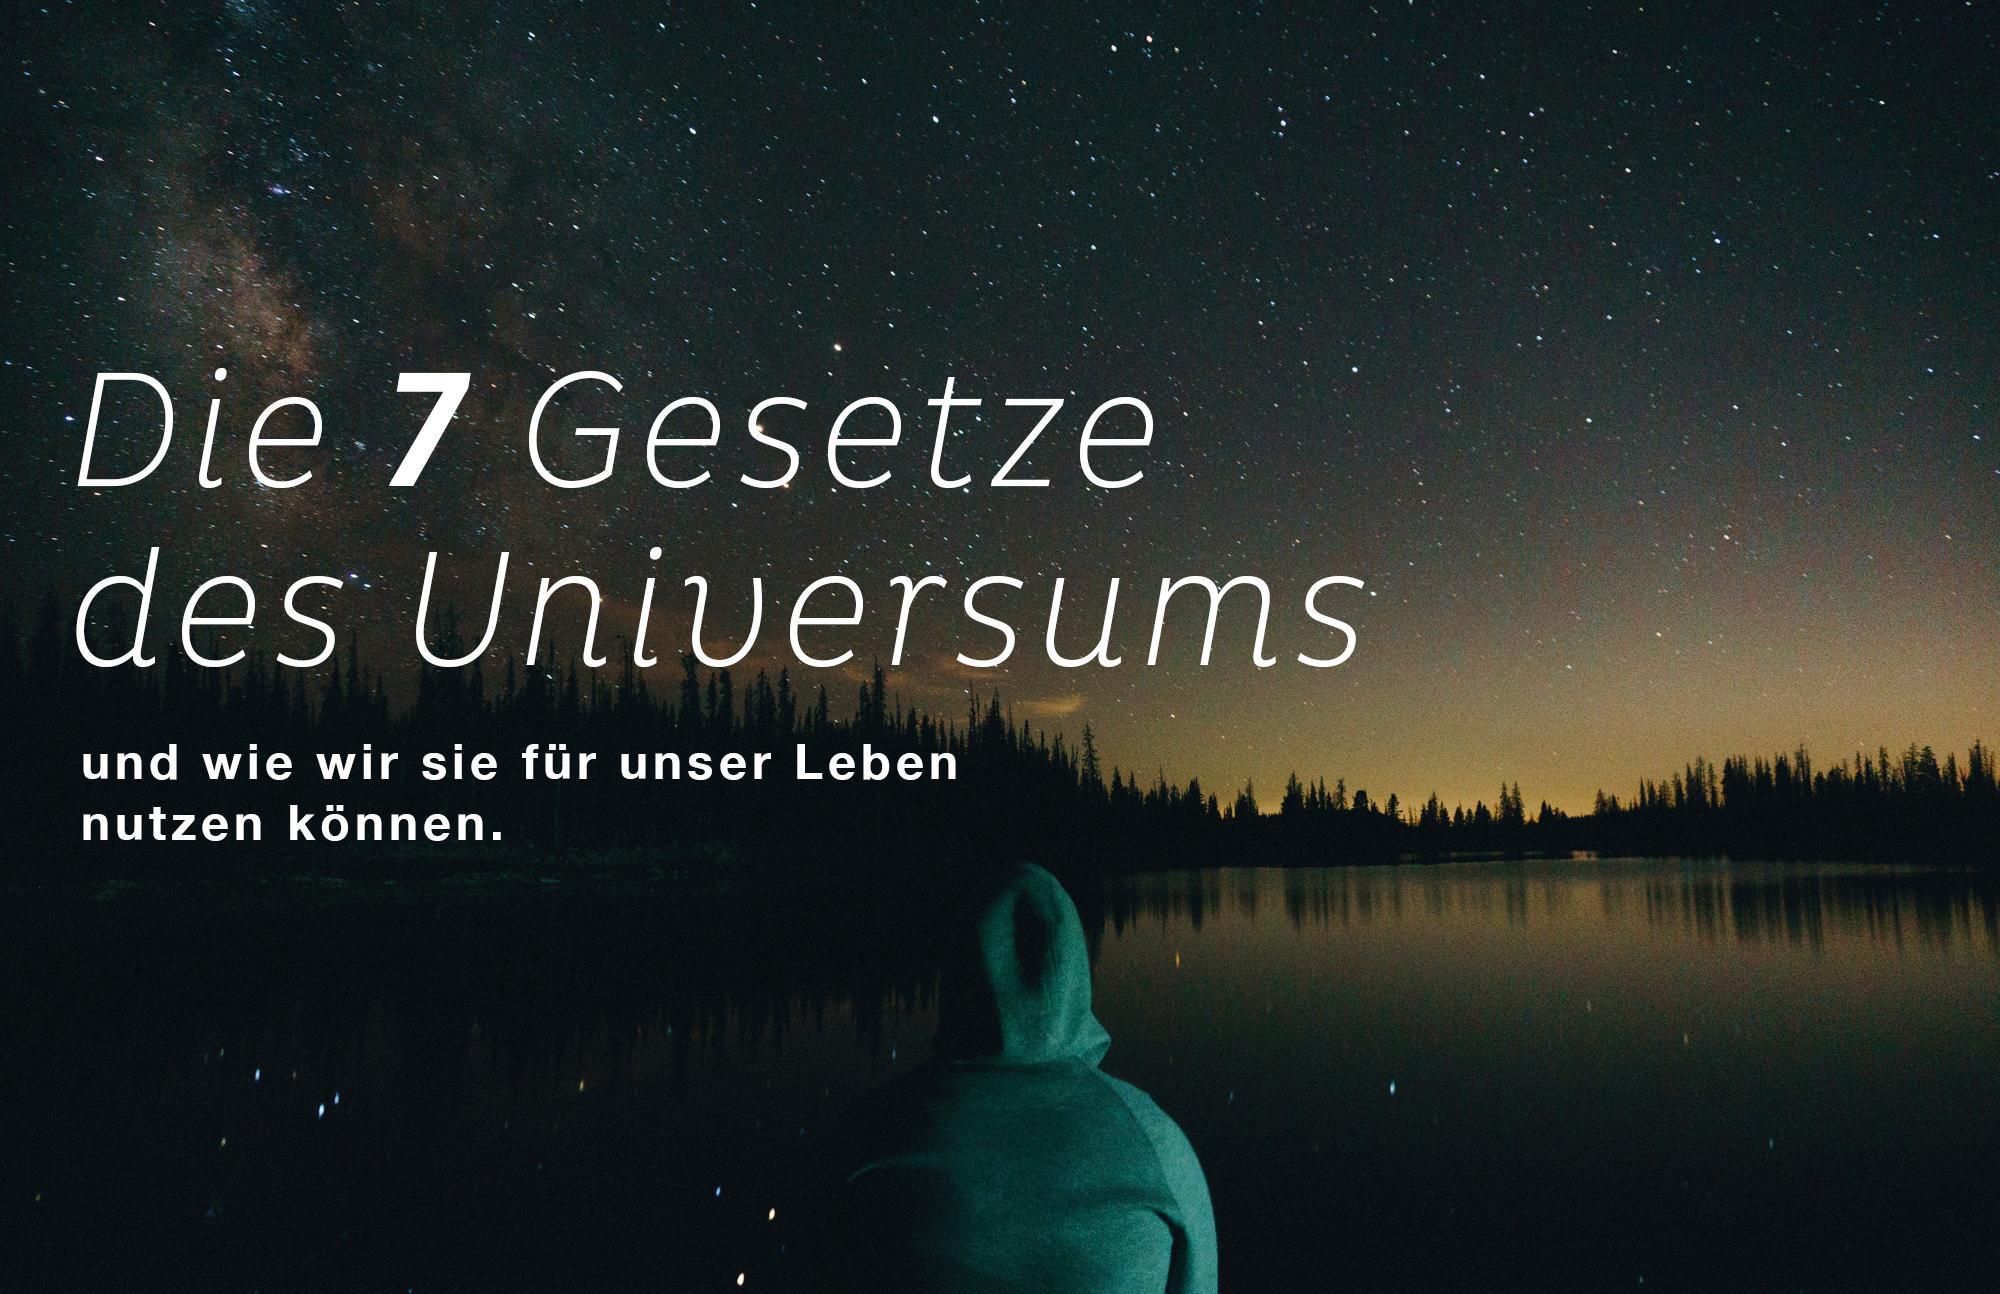 Die 7 Gesetze des Universums und wie wir sie für unser Leben nutzen können